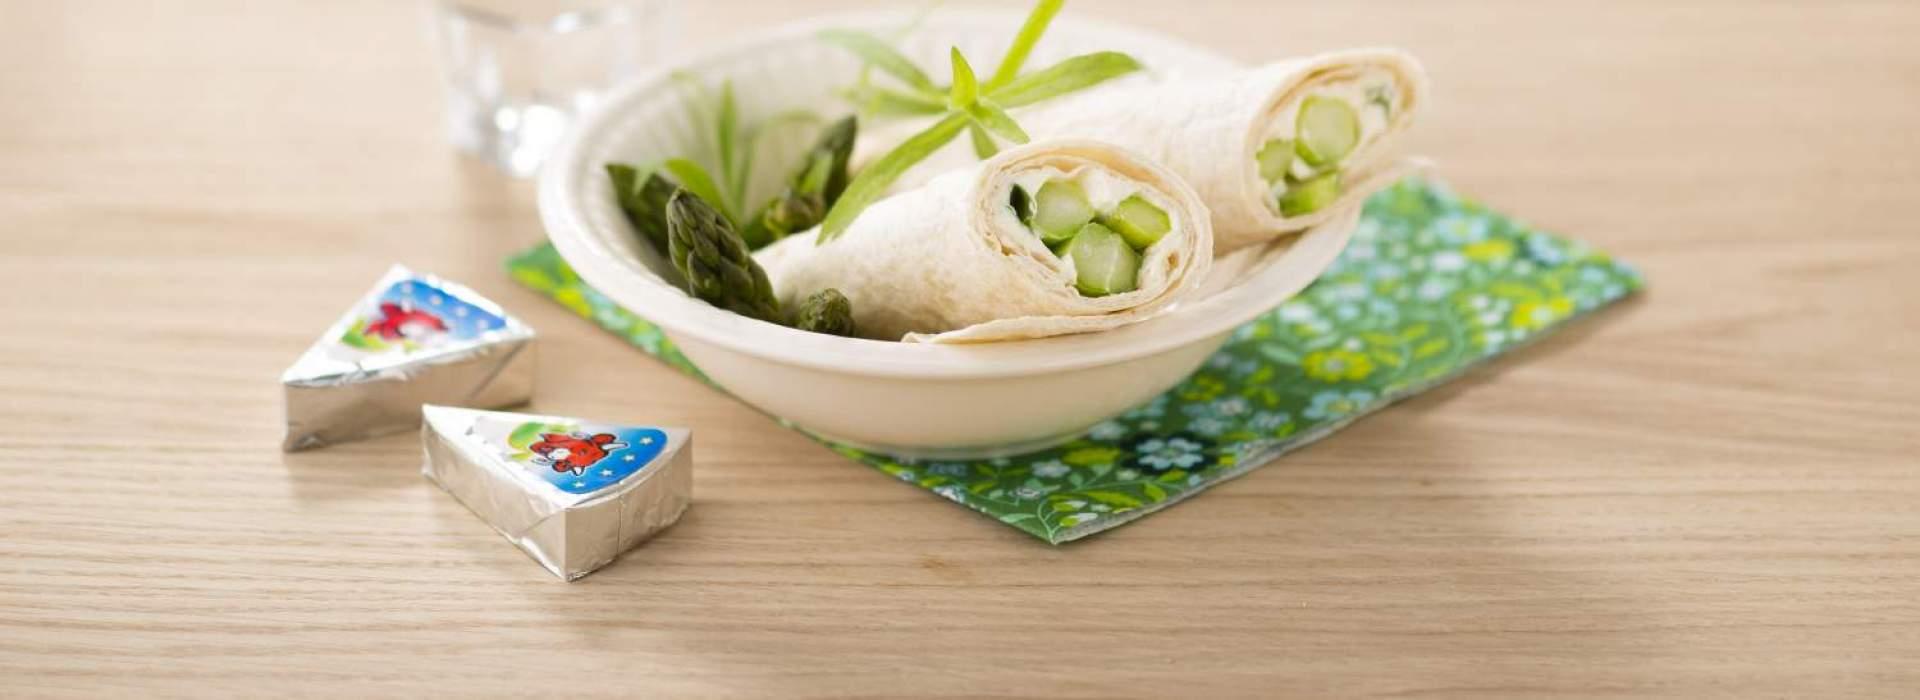 Wrap asperges